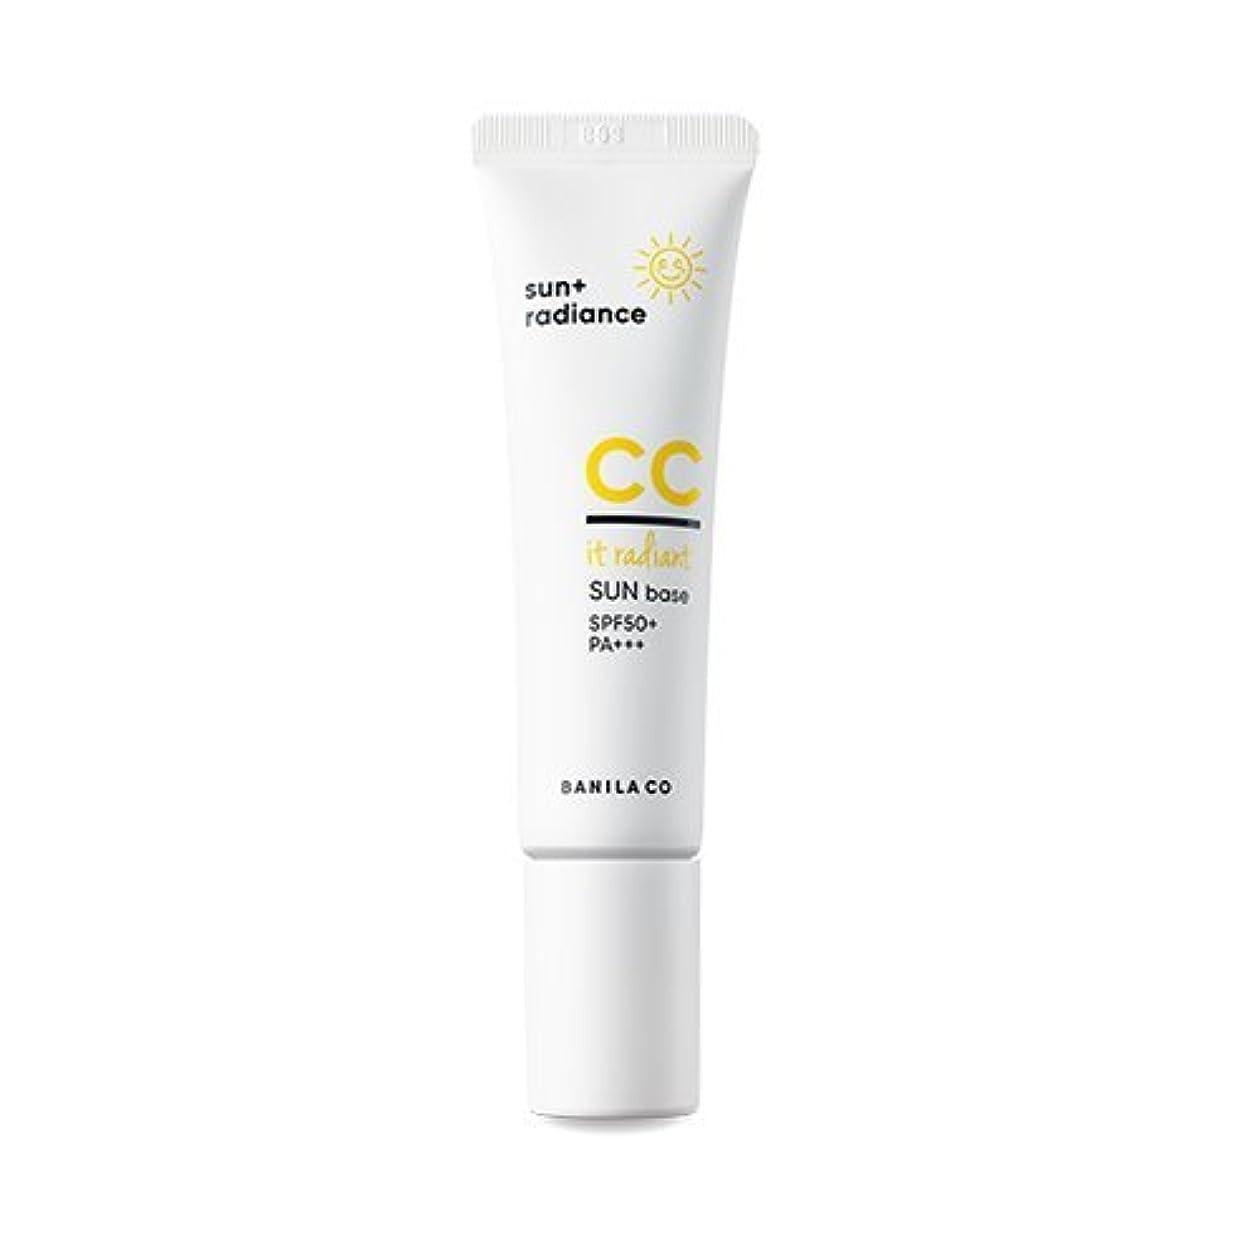 プロフィールコーンウォールオーストラリア[Renewal] BANILA CO It Radiant CC Sun Base 30ml/バニラコ イット ラディアント CC サン ベース 30ml [並行輸入品]